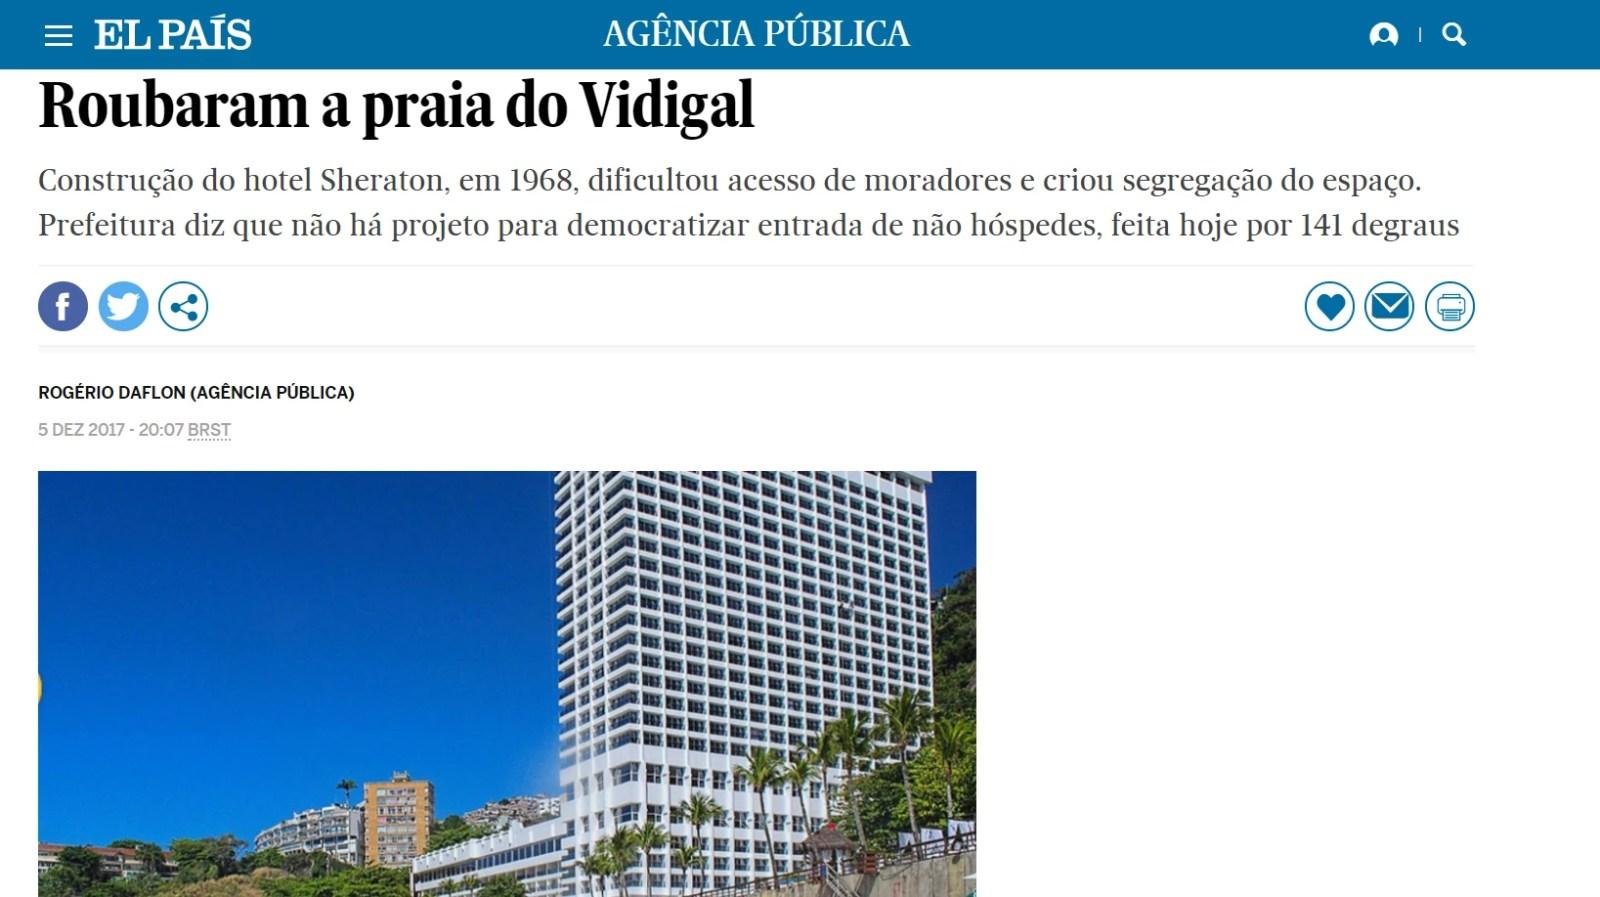 El País Brasil